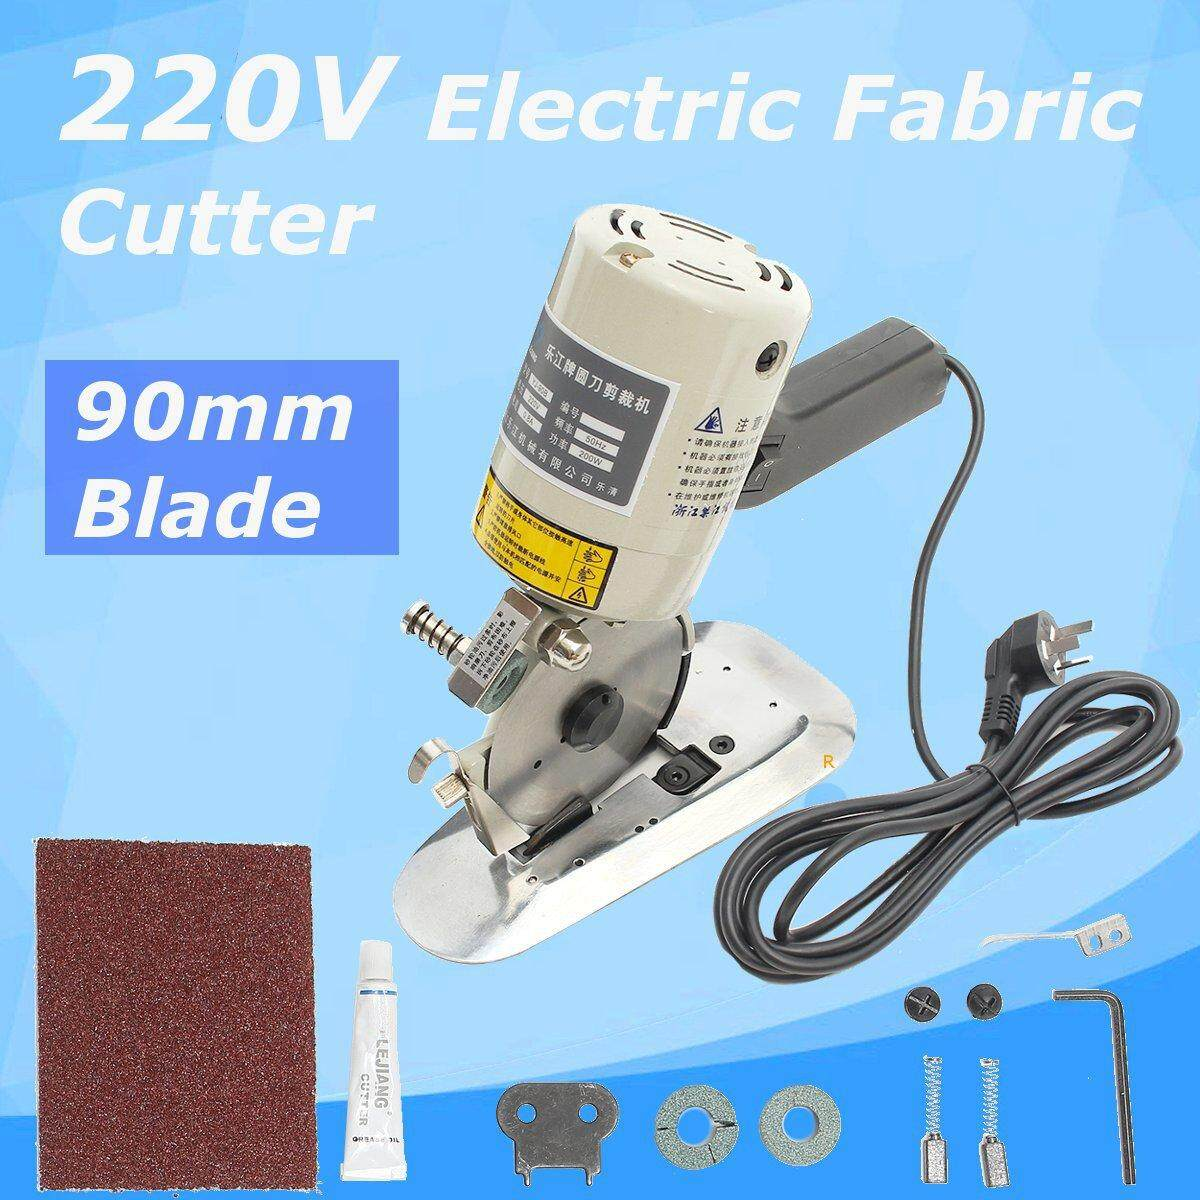 Electric Cloth Textile Cutter Fabric Leather Cutting Machine Scissor Saw Blade